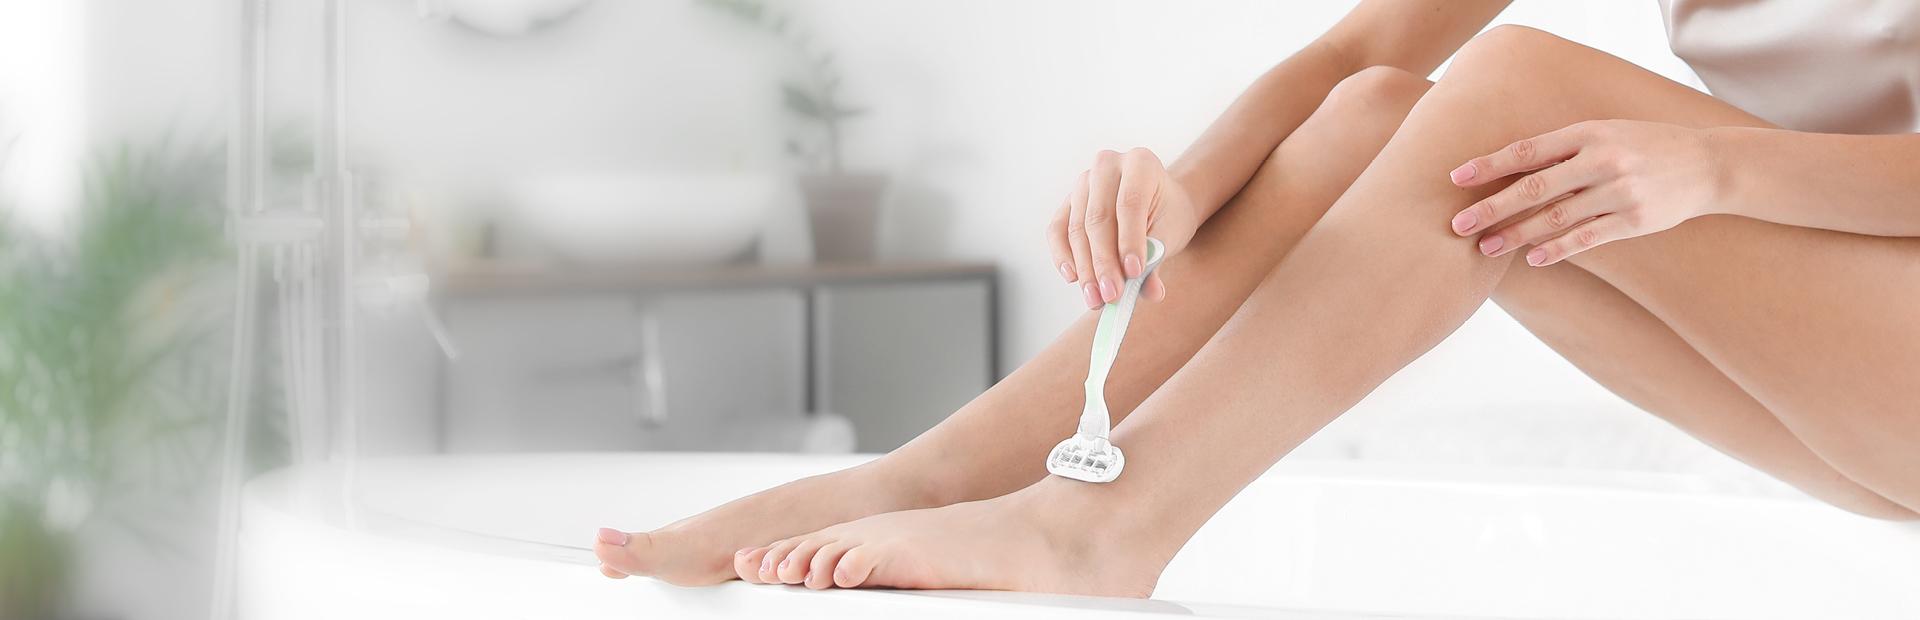 rasierte beine verteilt